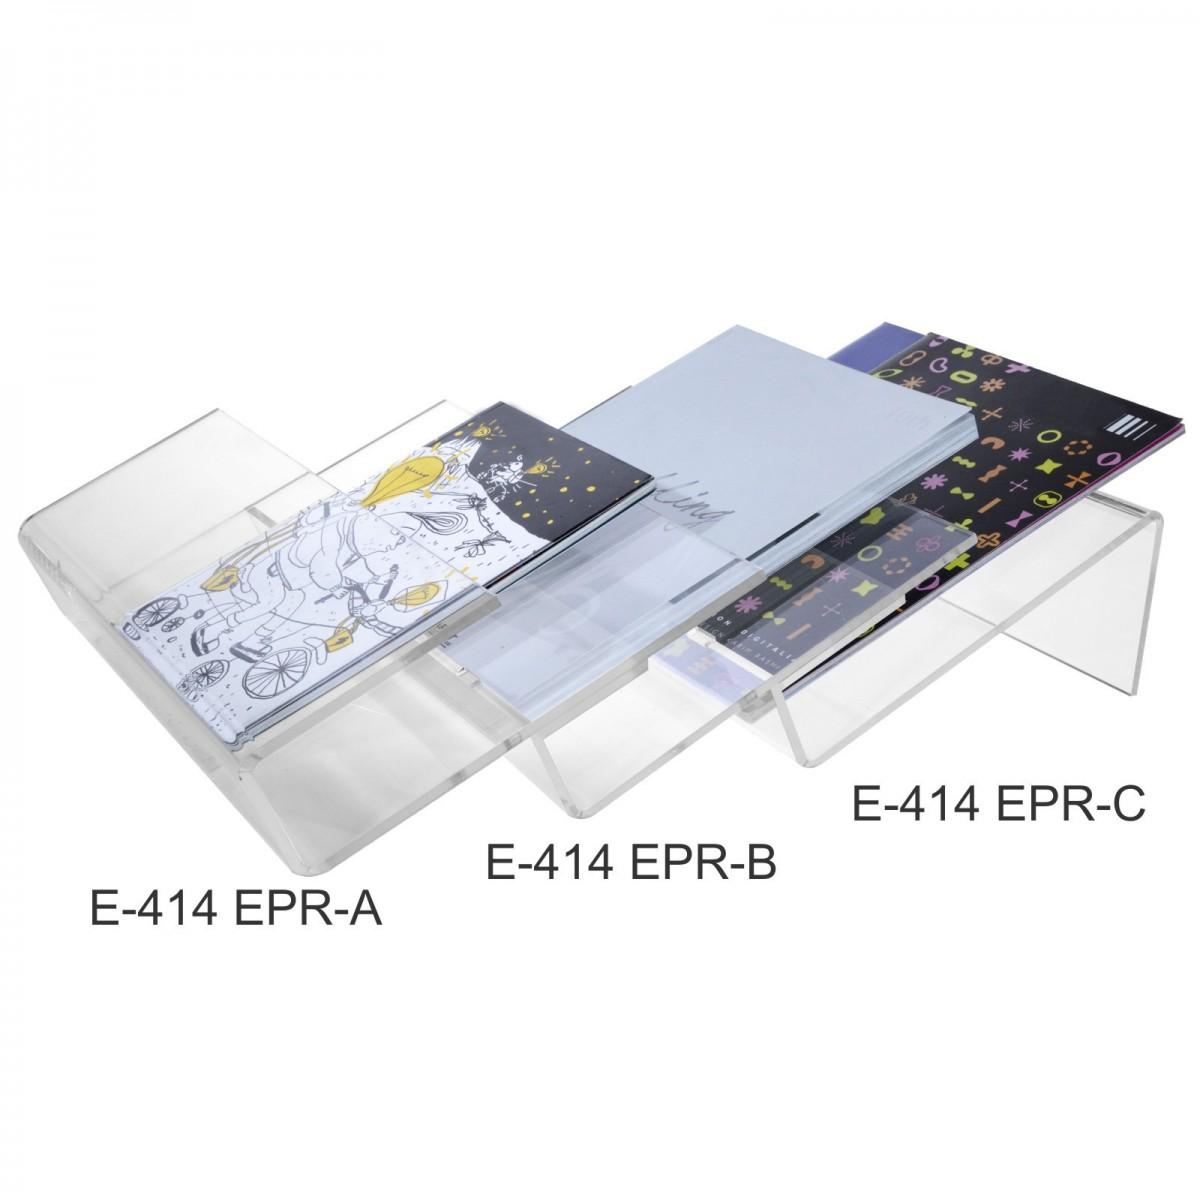 E-414 - Espositore da banco in plexiglass trasparente porta riviste e quotidiani modulare